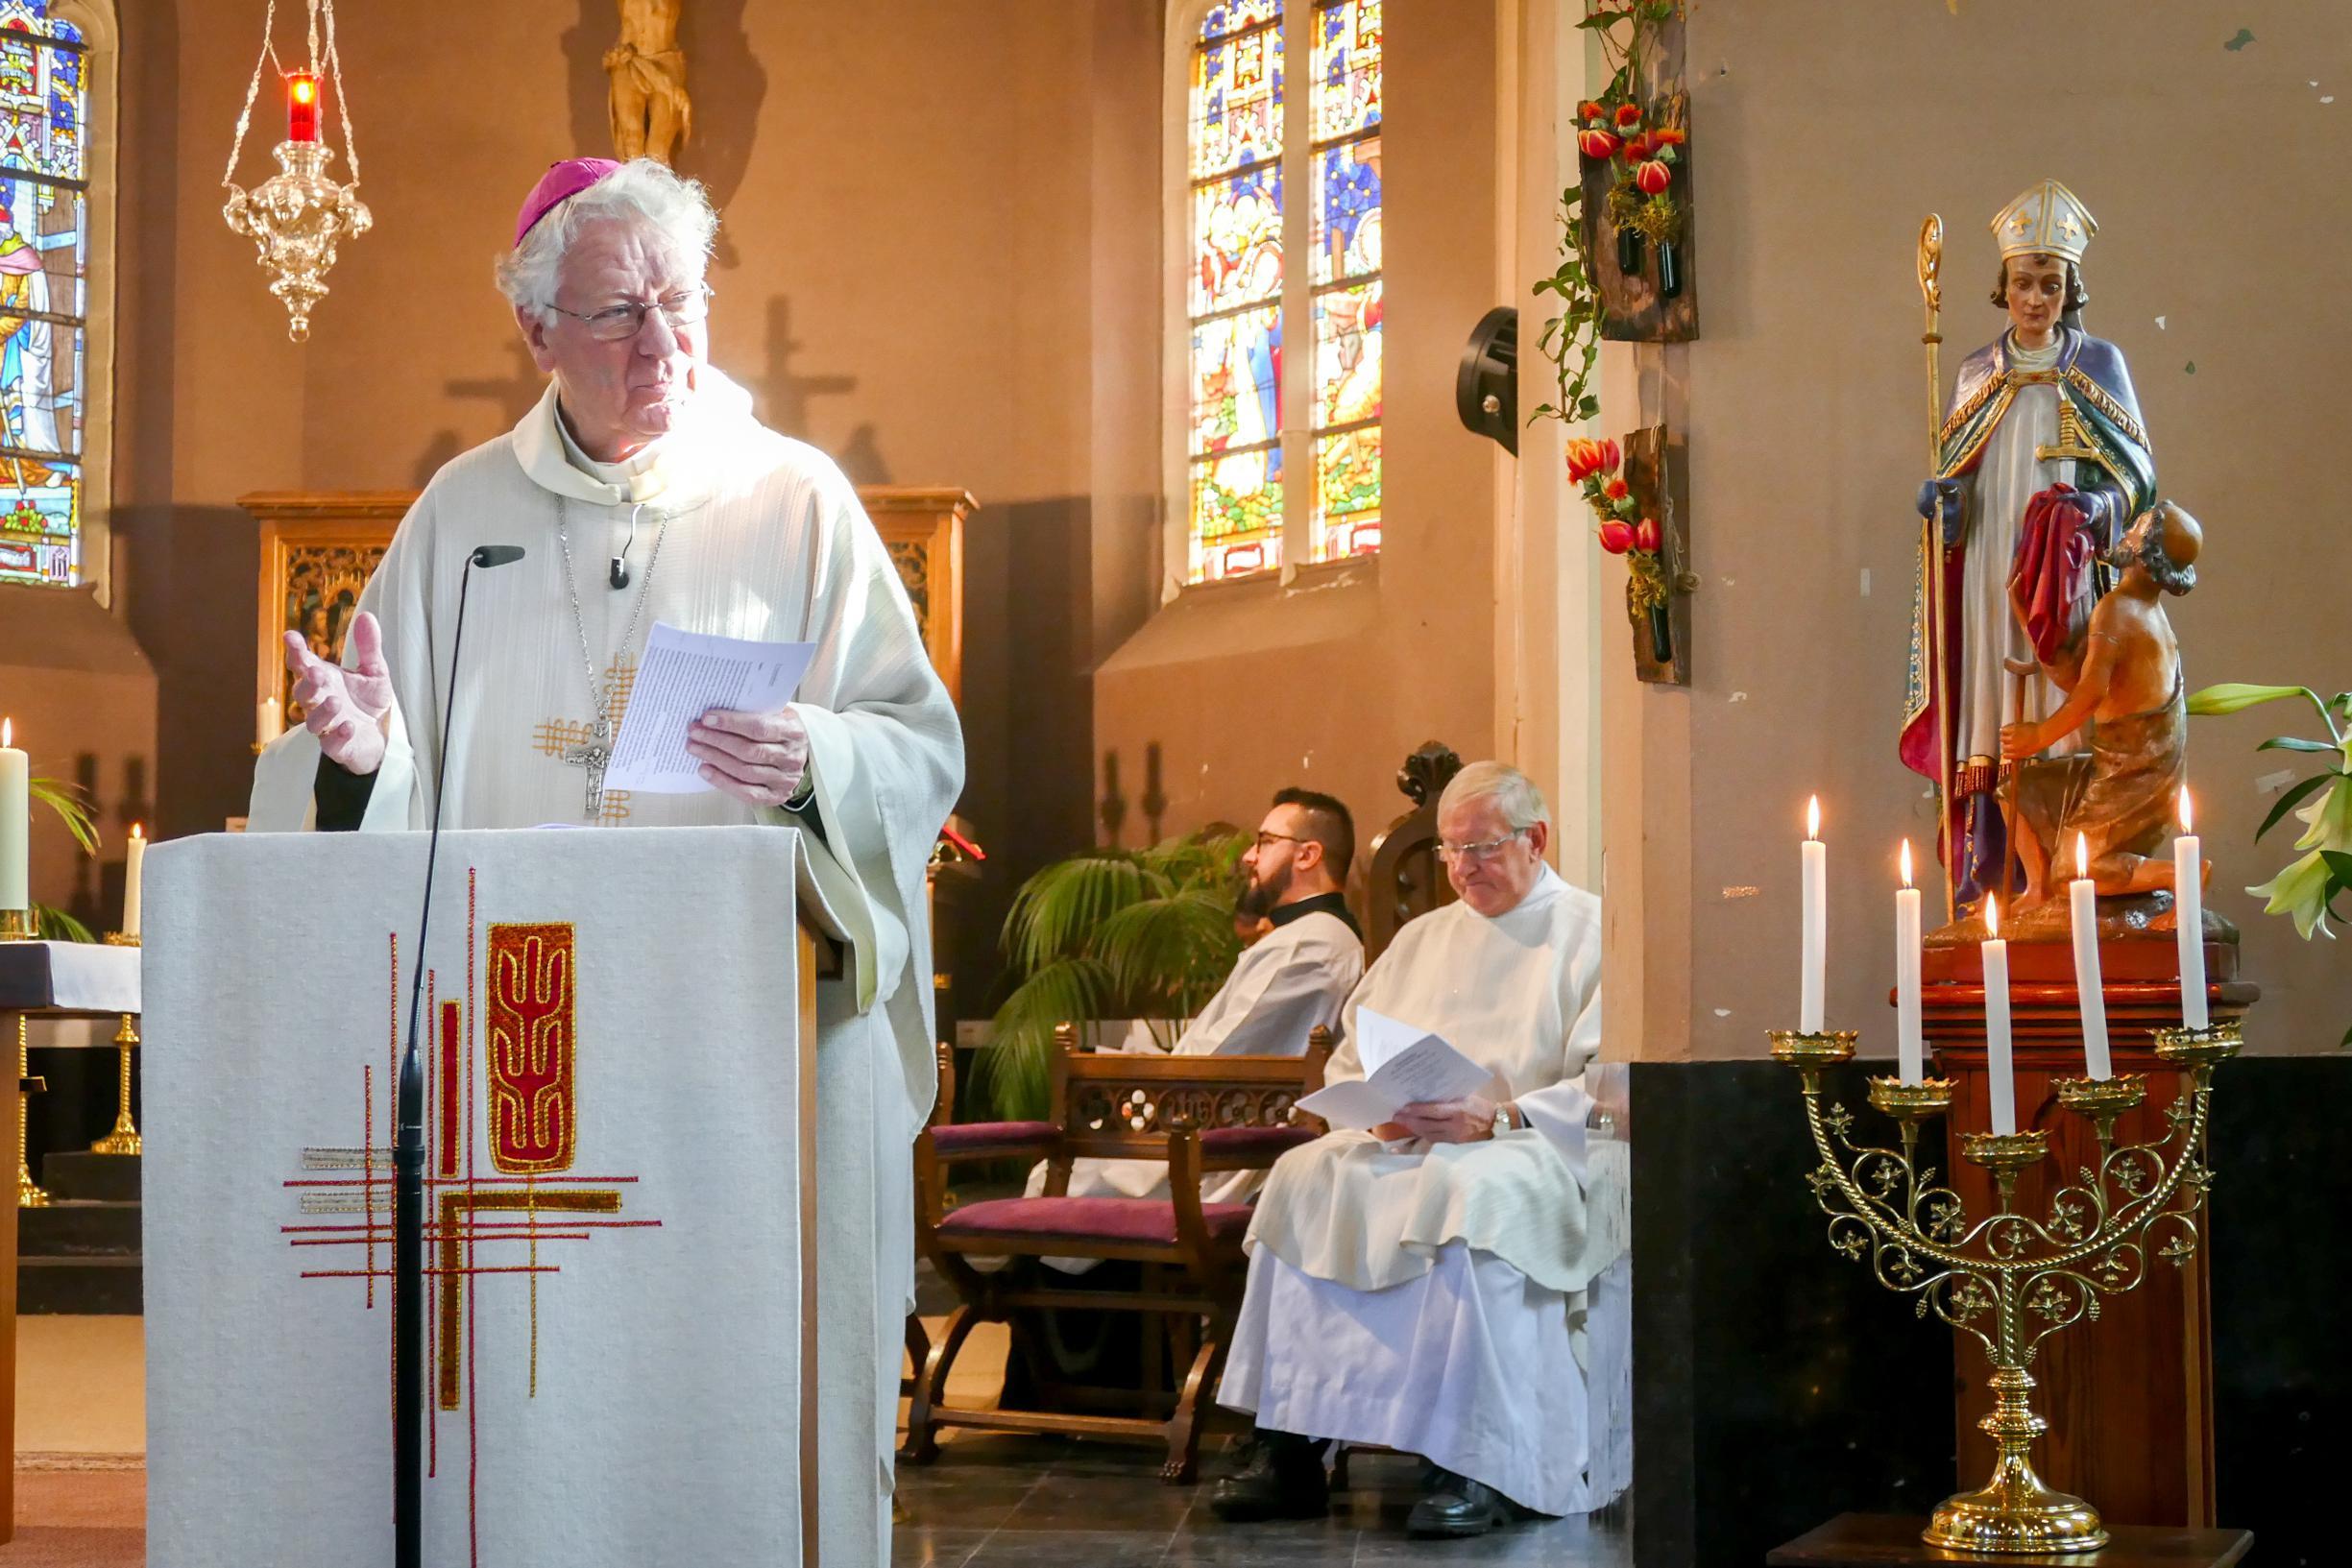 Kerkdienst sluit viering 1.000 jaar Massemen af (Wetteren) - Het Nieuwsblad